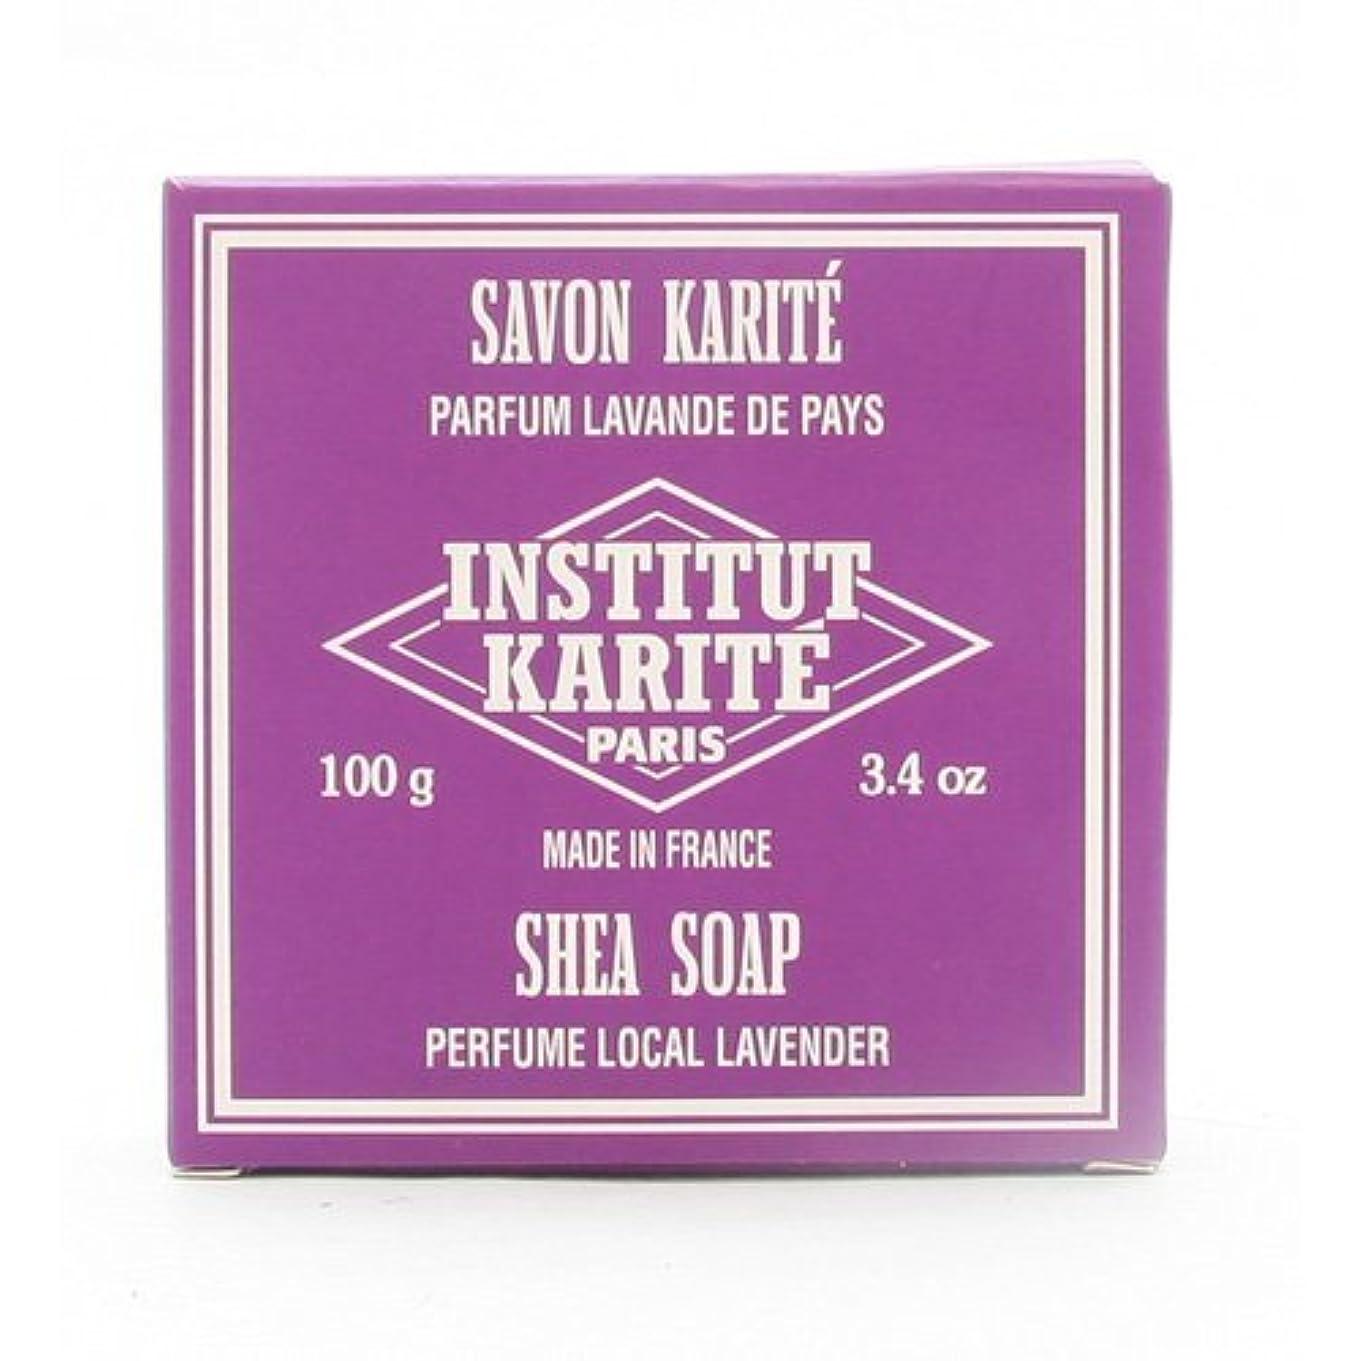 じゃがいもスリラーアレルギー性INSTITUT KARITE インスティテュート カリテ 25% Extra Gentle Soap ジェントルソープ 100g Local Lavender ローカルラベンダー